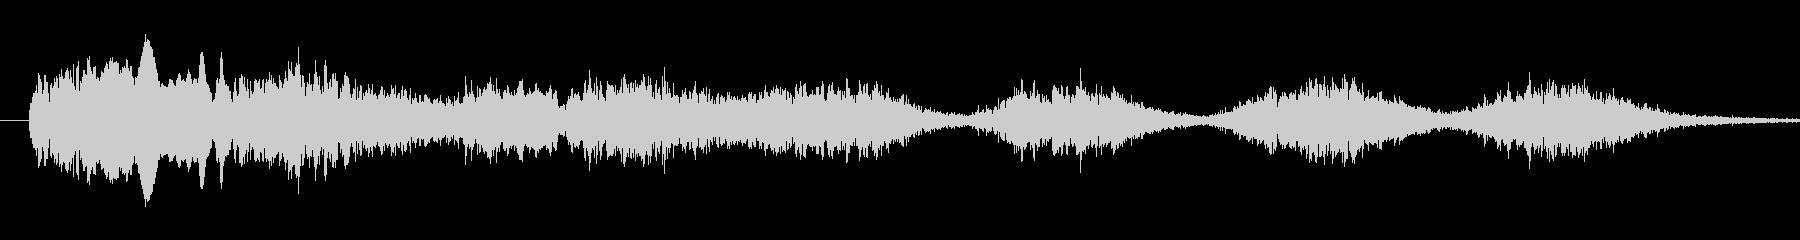 恐怖シリーズ21.怖い鳥の声(複数1)の未再生の波形